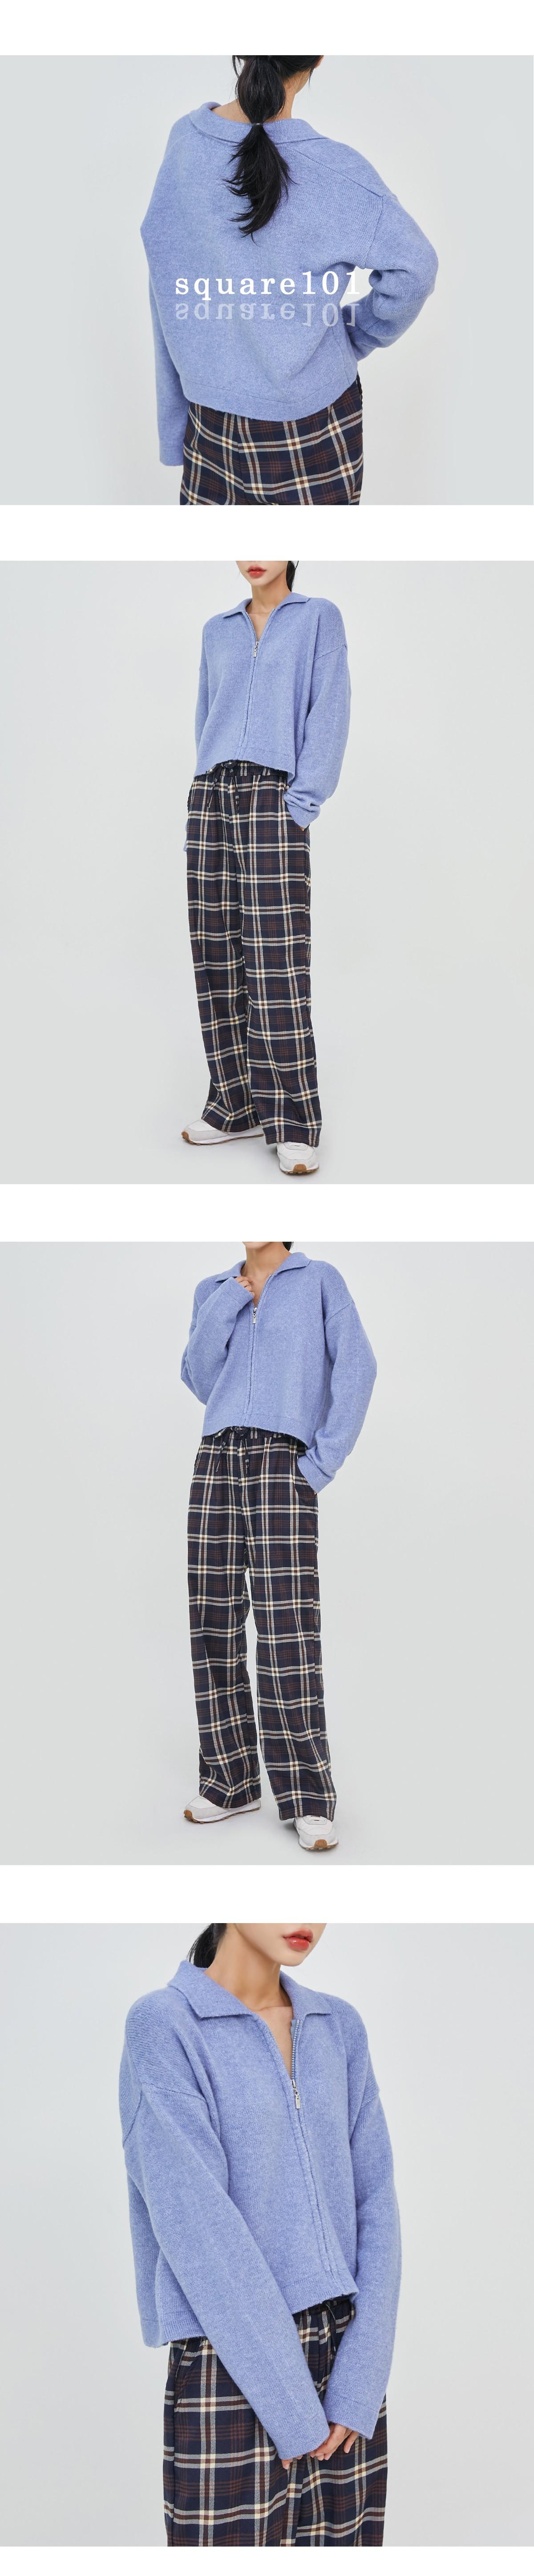 Zech Knit Zip-Up